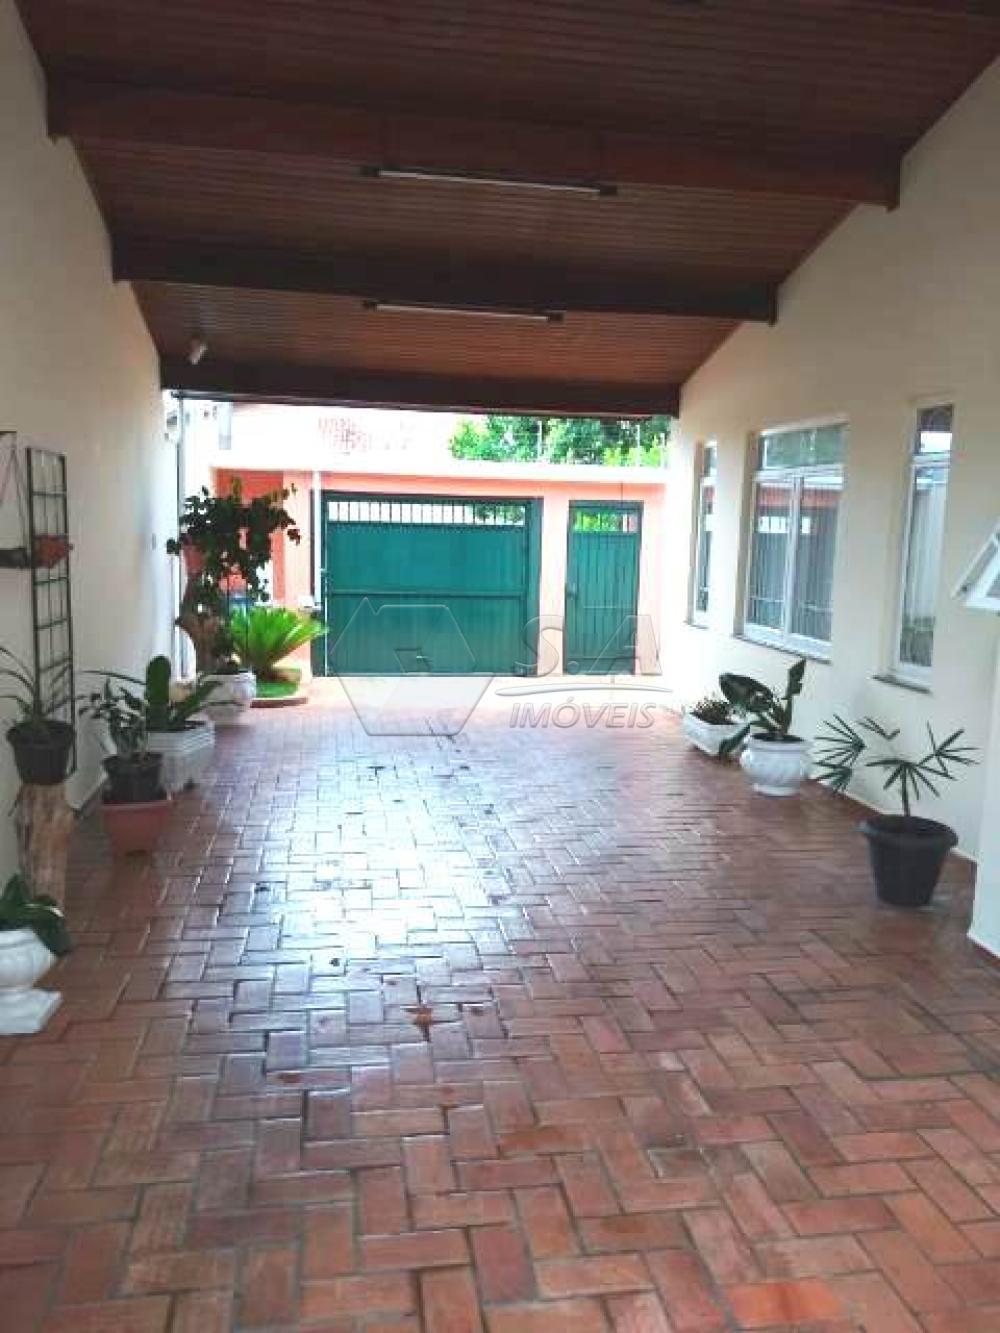 Comprar Casa / Padrão em Botucatu apenas R$ 700.000,00 - Foto 2